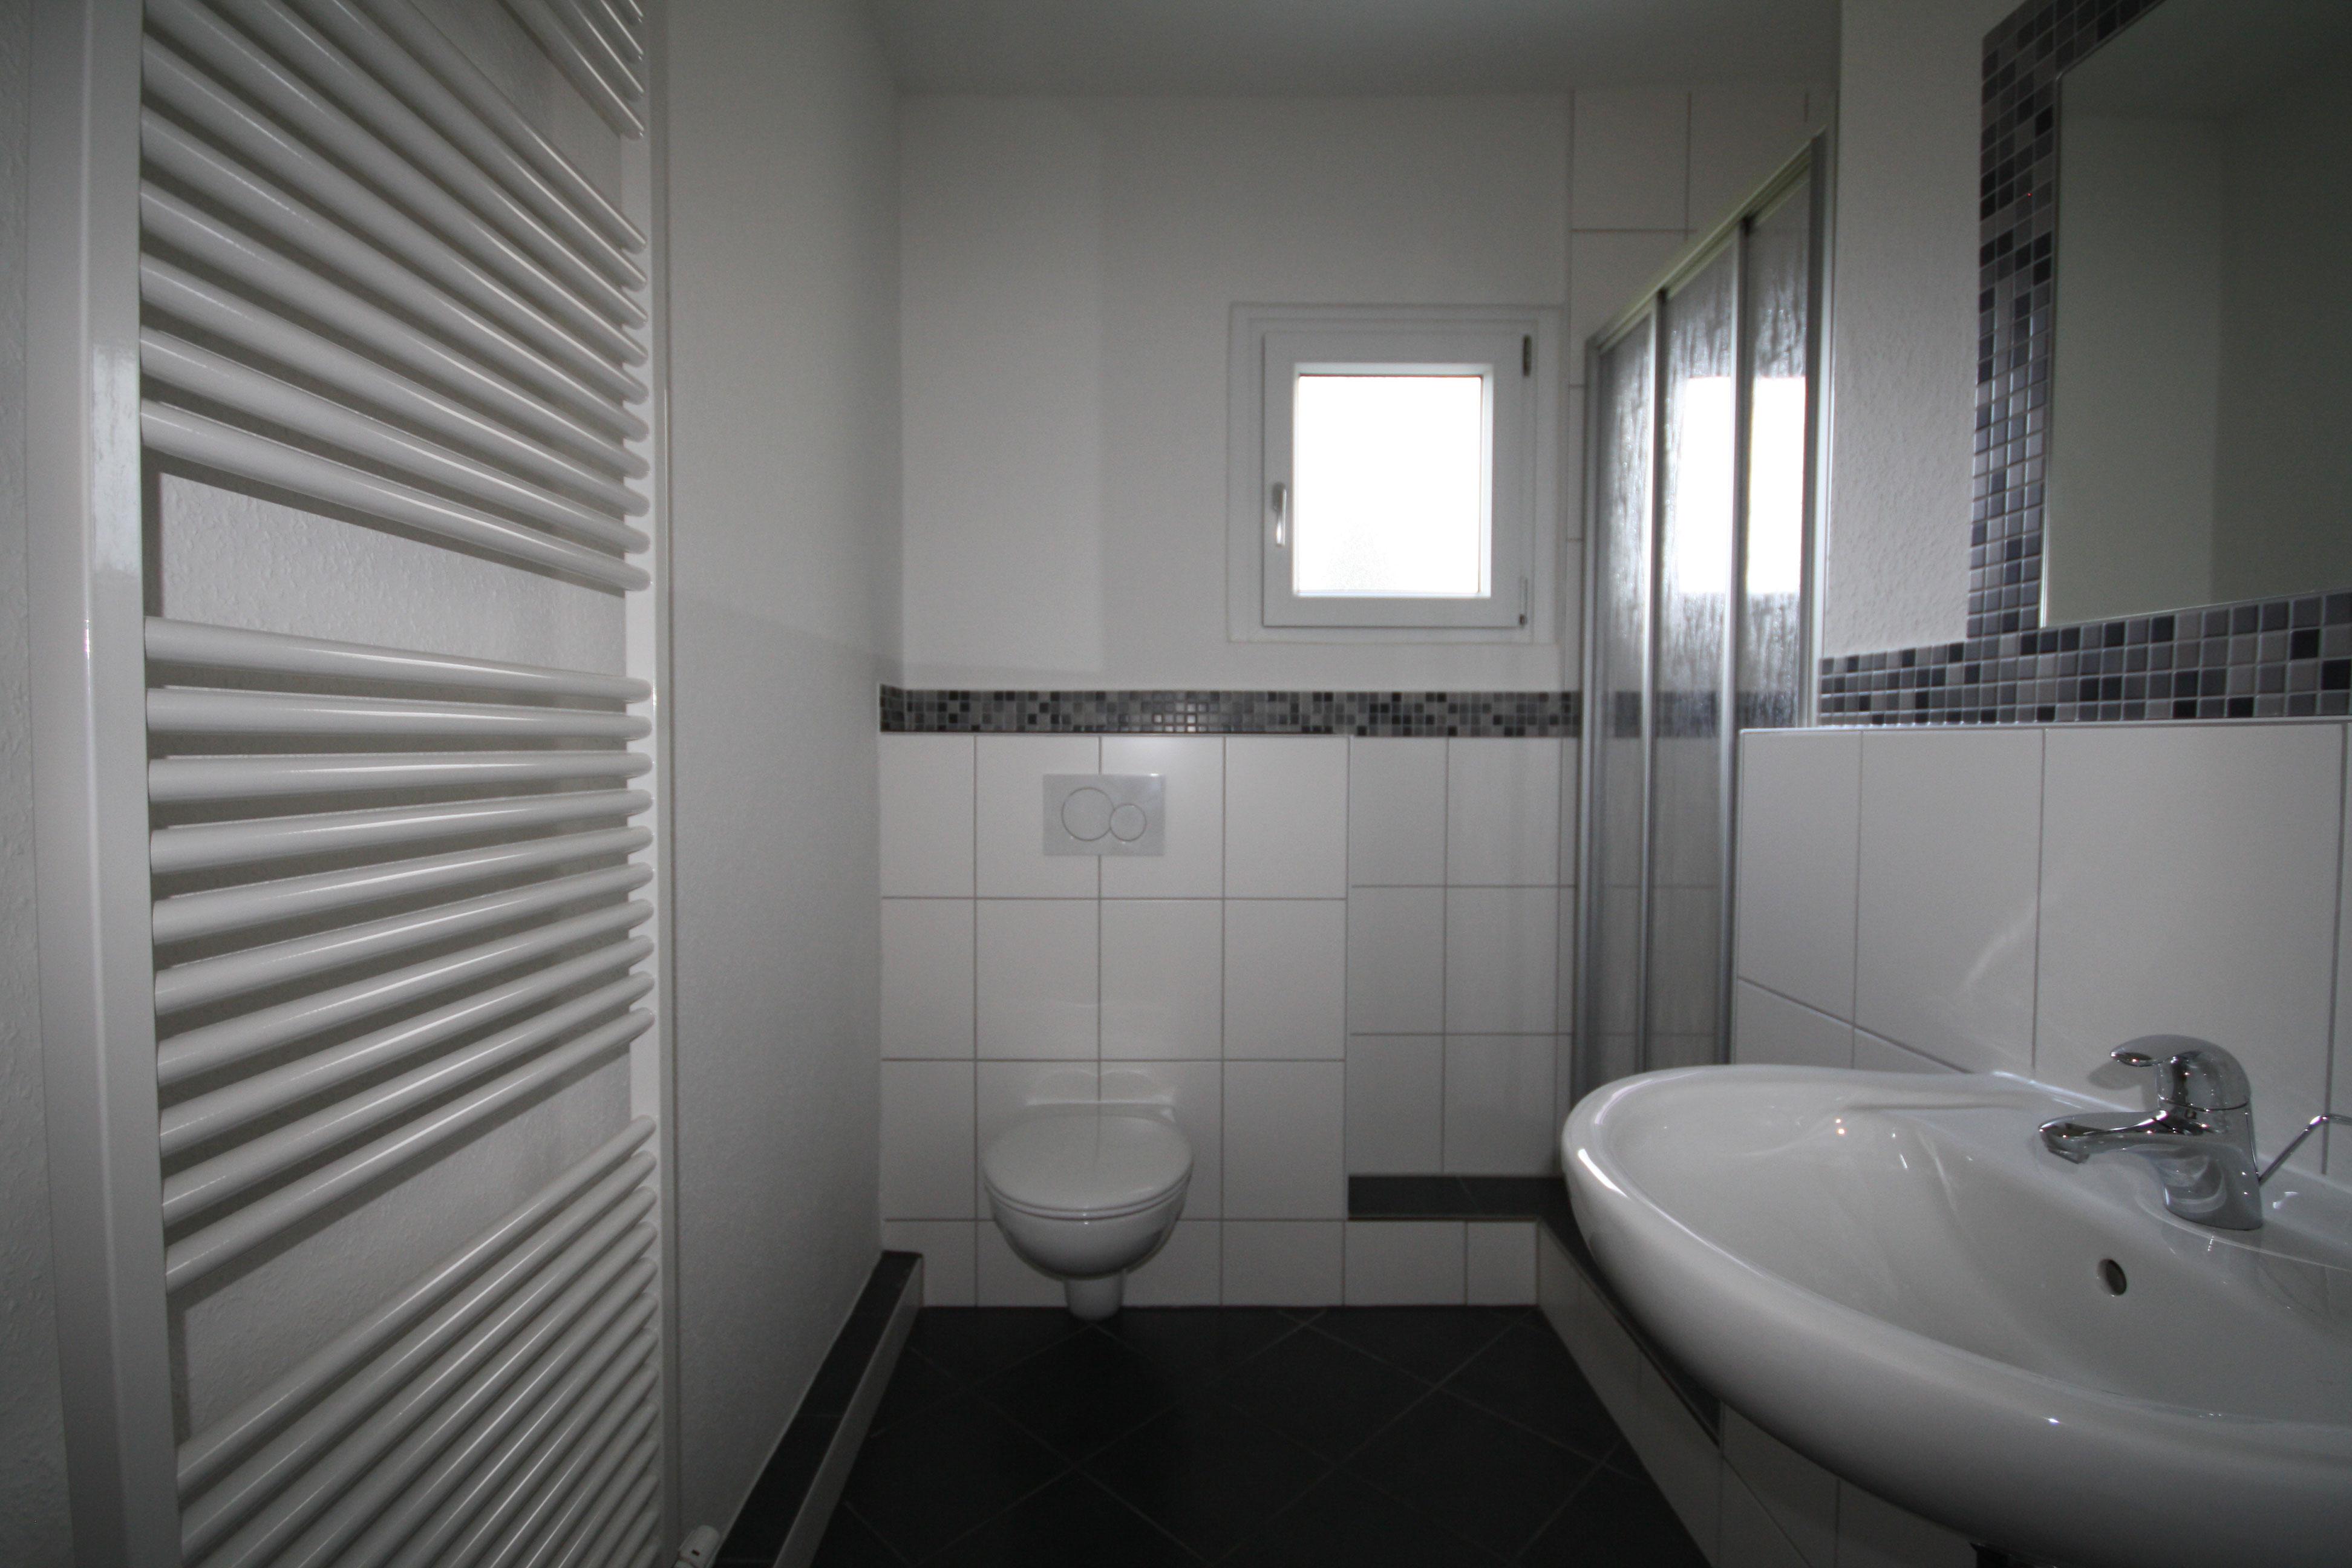 verwunderlich erste eigene wohnung tipps bilder erindzain. Black Bedroom Furniture Sets. Home Design Ideas